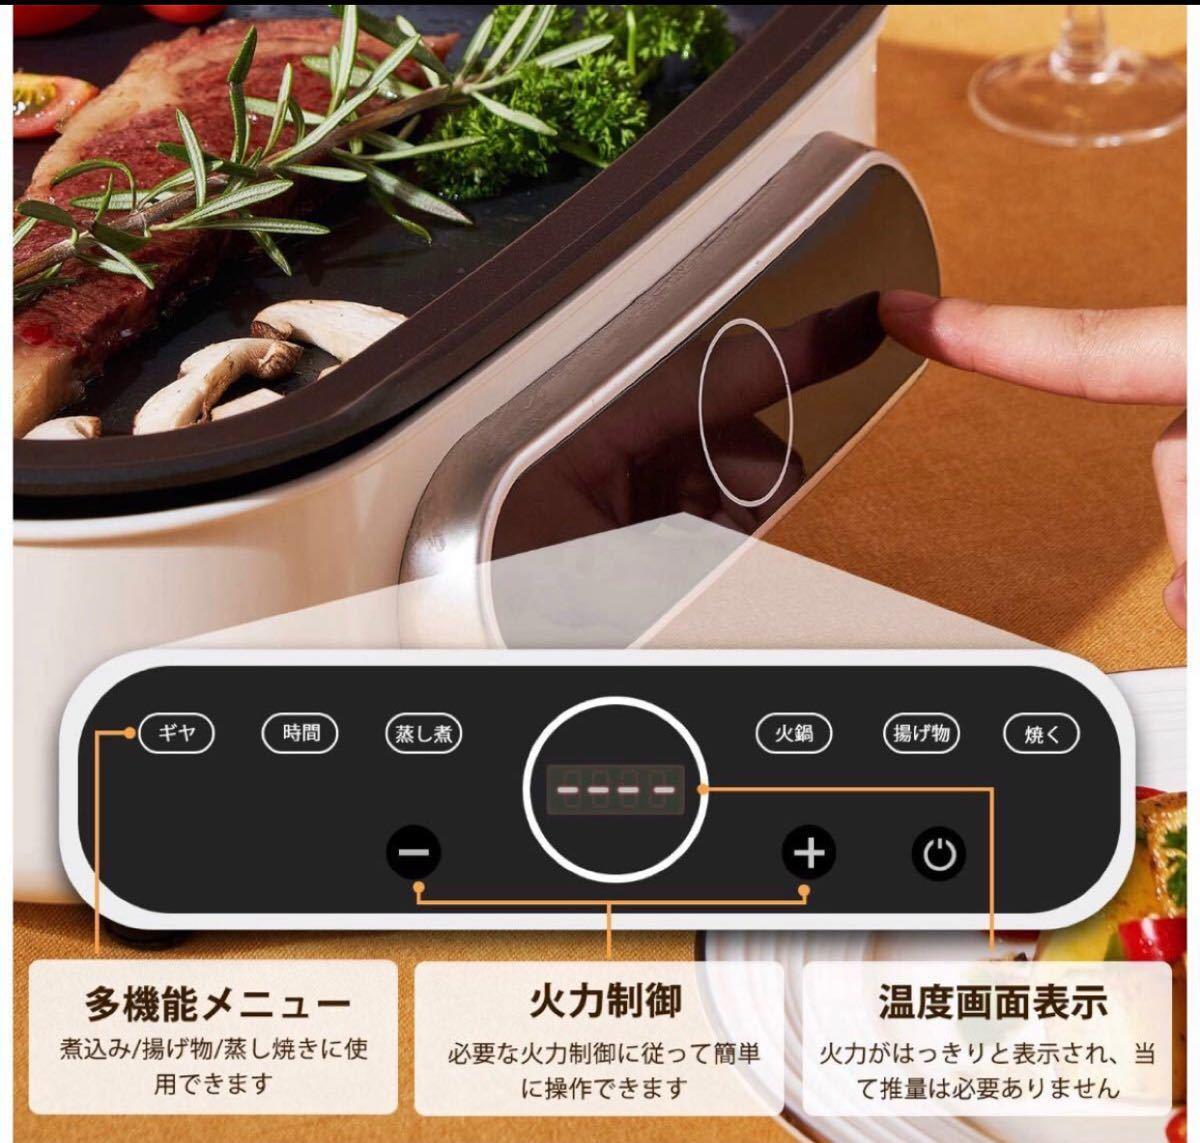 ホットプレート平面+たこ焼きプレートマルチポット グリル鍋 家電 デジタル表示